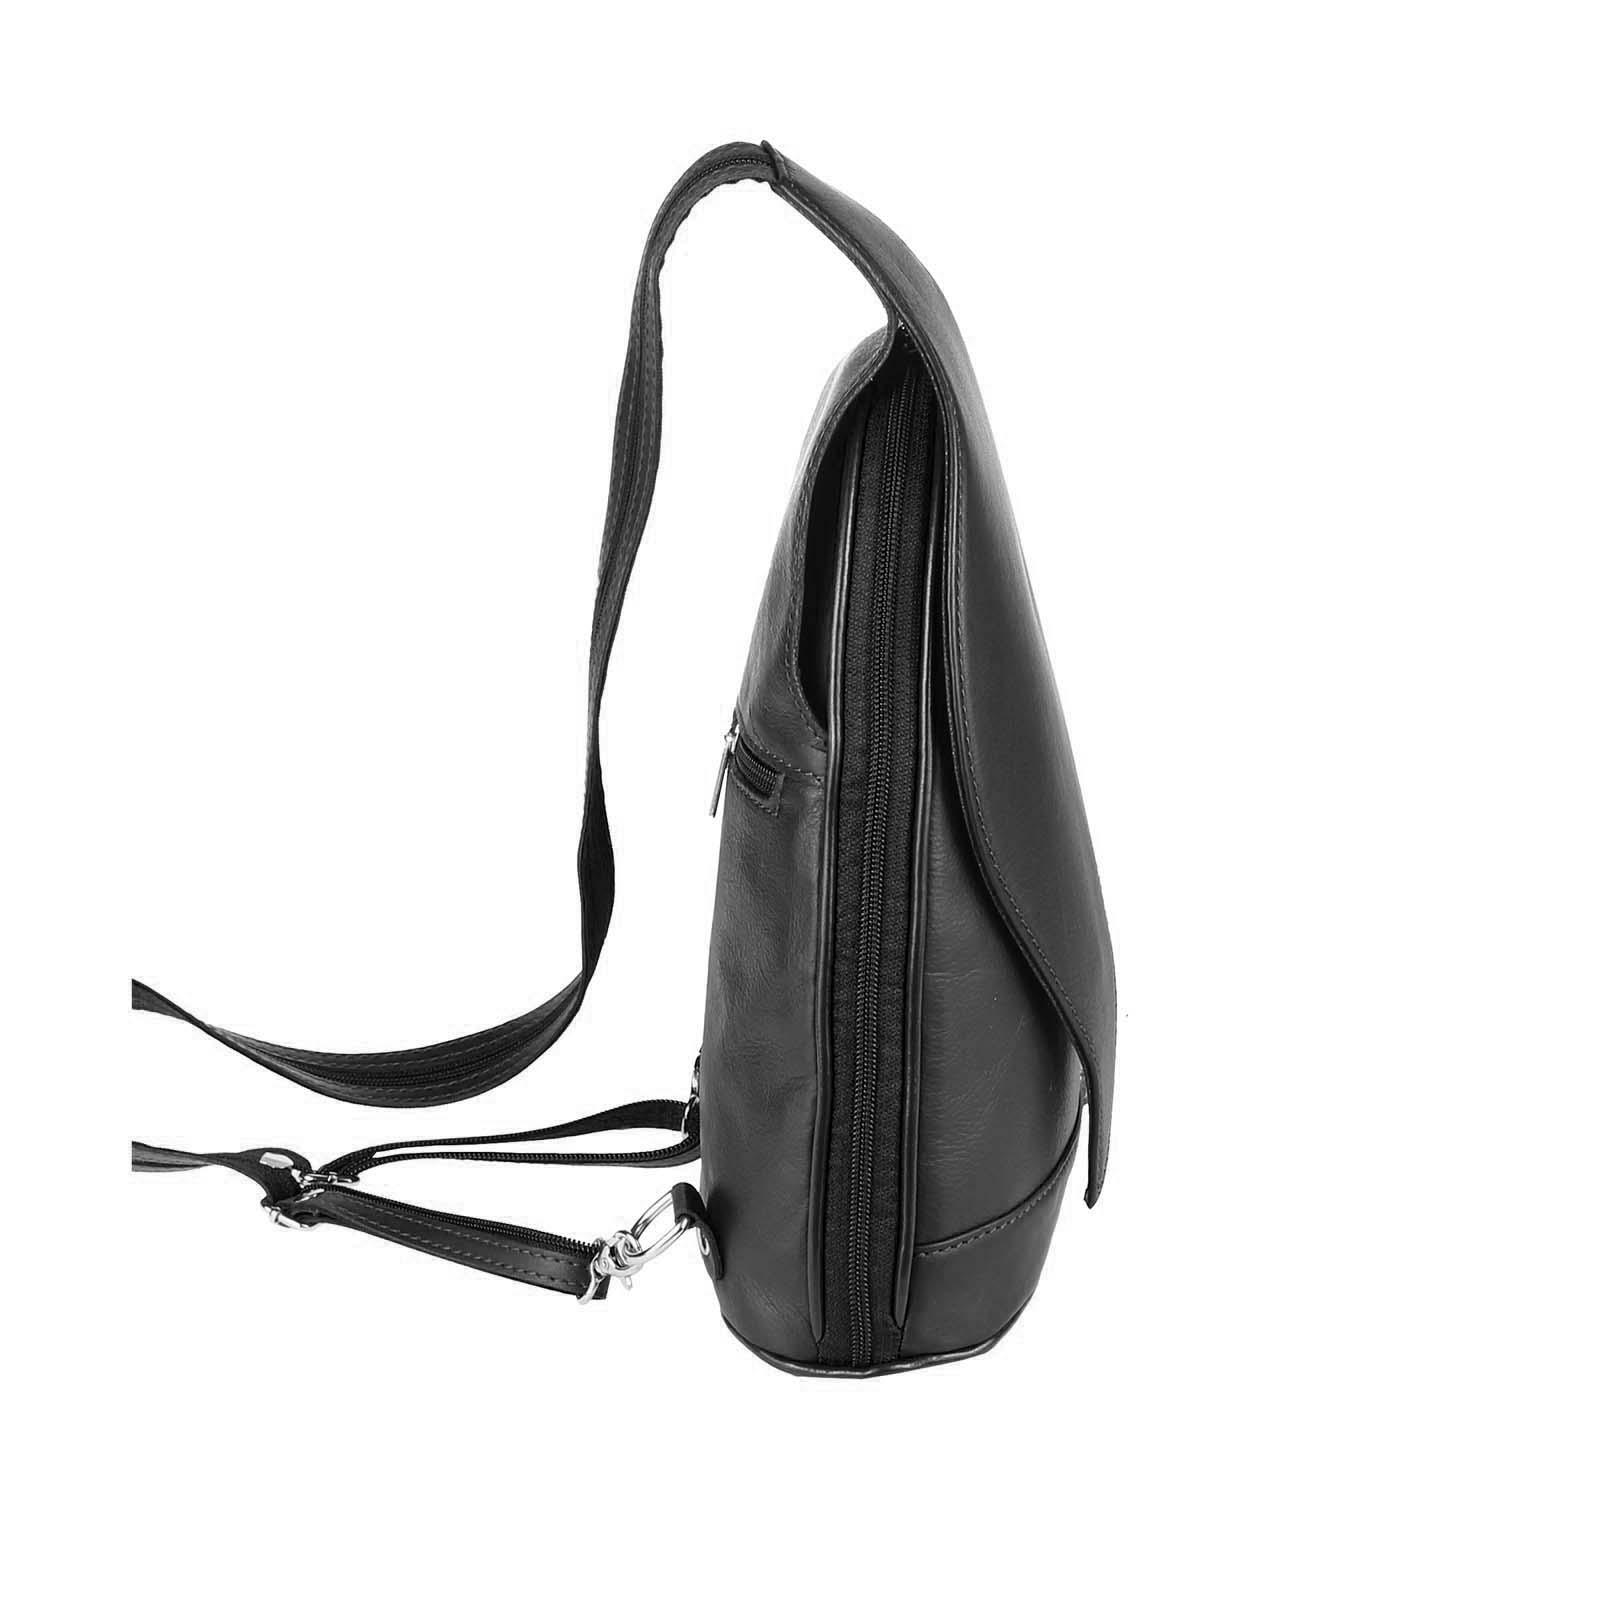 ITALY-DAMEN-LEDER-RUCKSACK-Schulter-Tasche-Reise-BACKPACK-Lederrucksack-it-BAG Indexbild 17